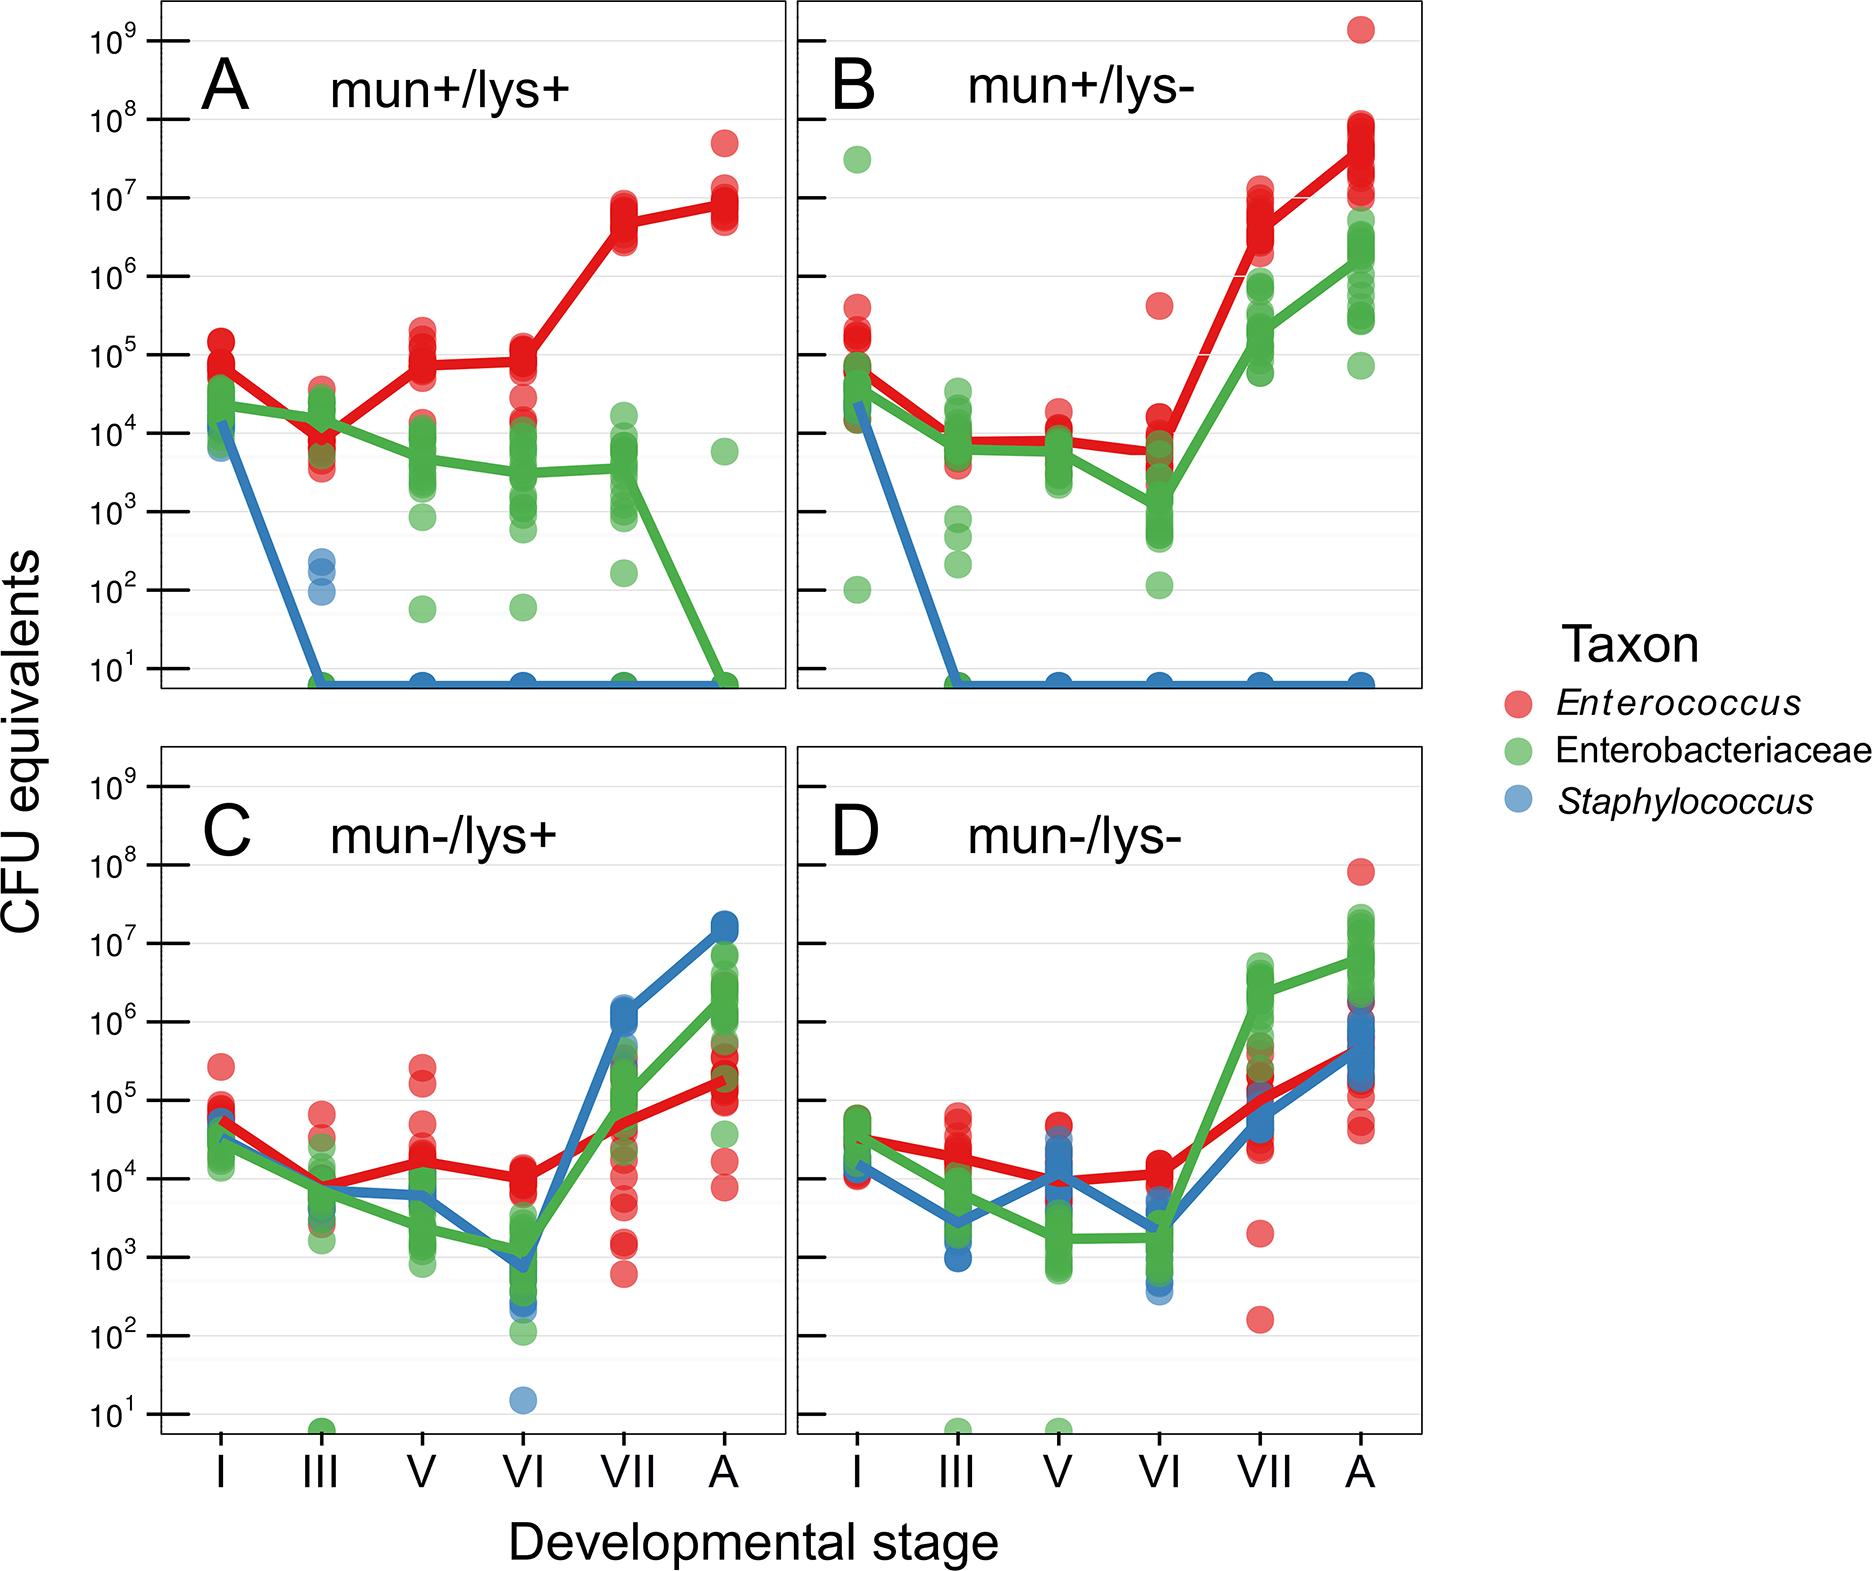 Abundance of bacteria during host metamorphosis.